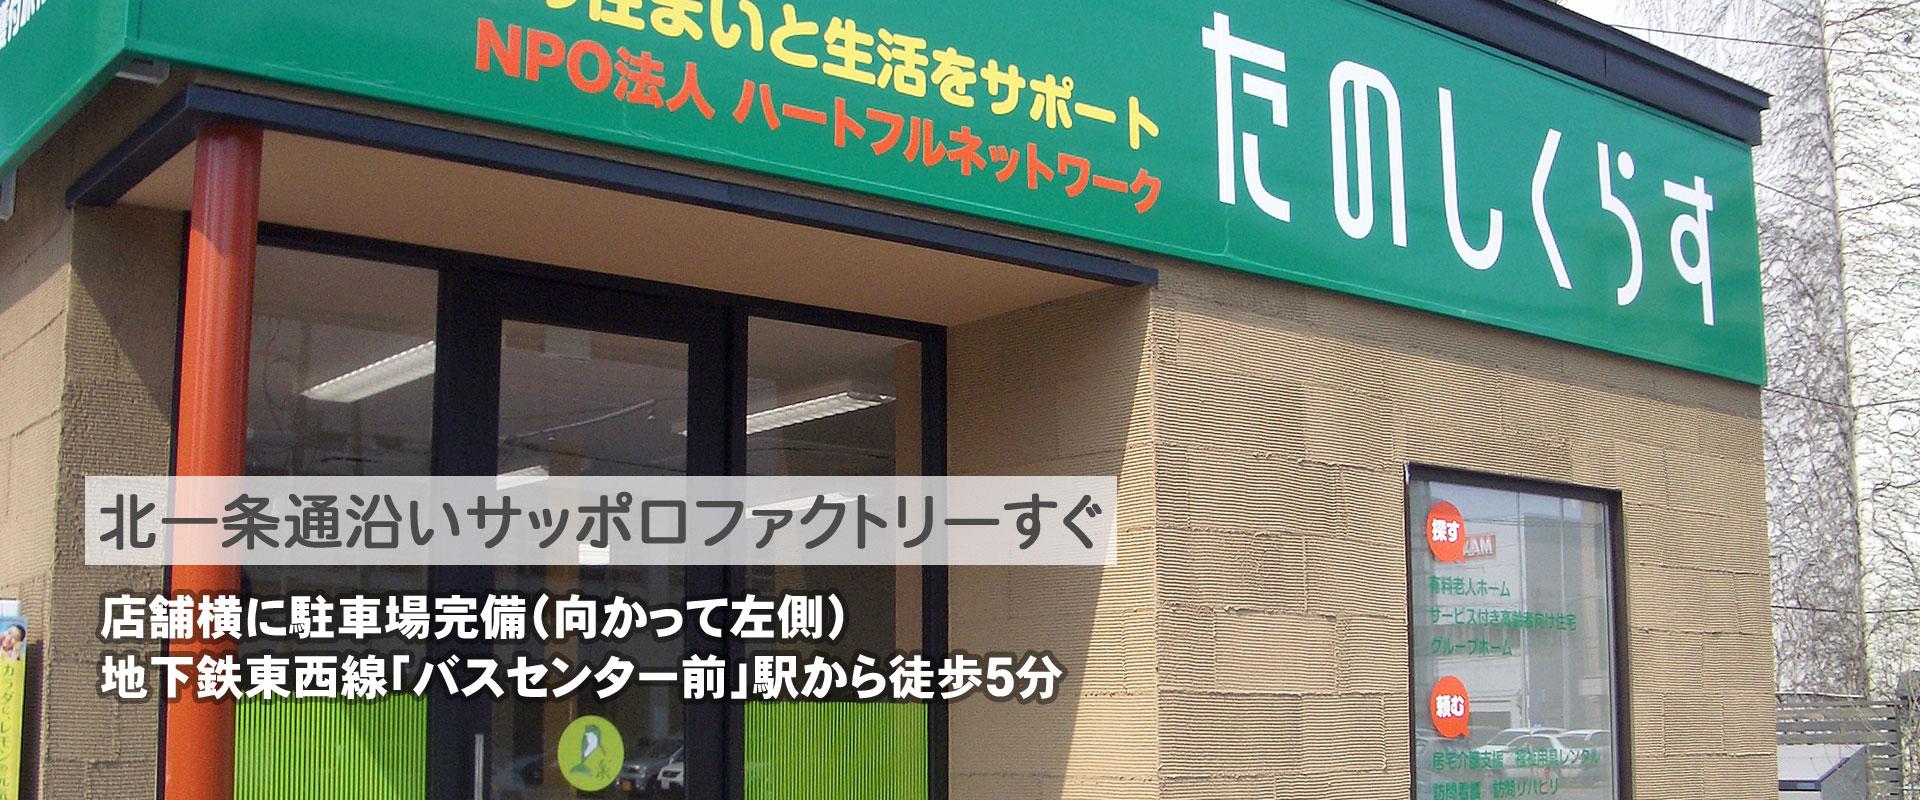 たのしくらす店舗のイメージ